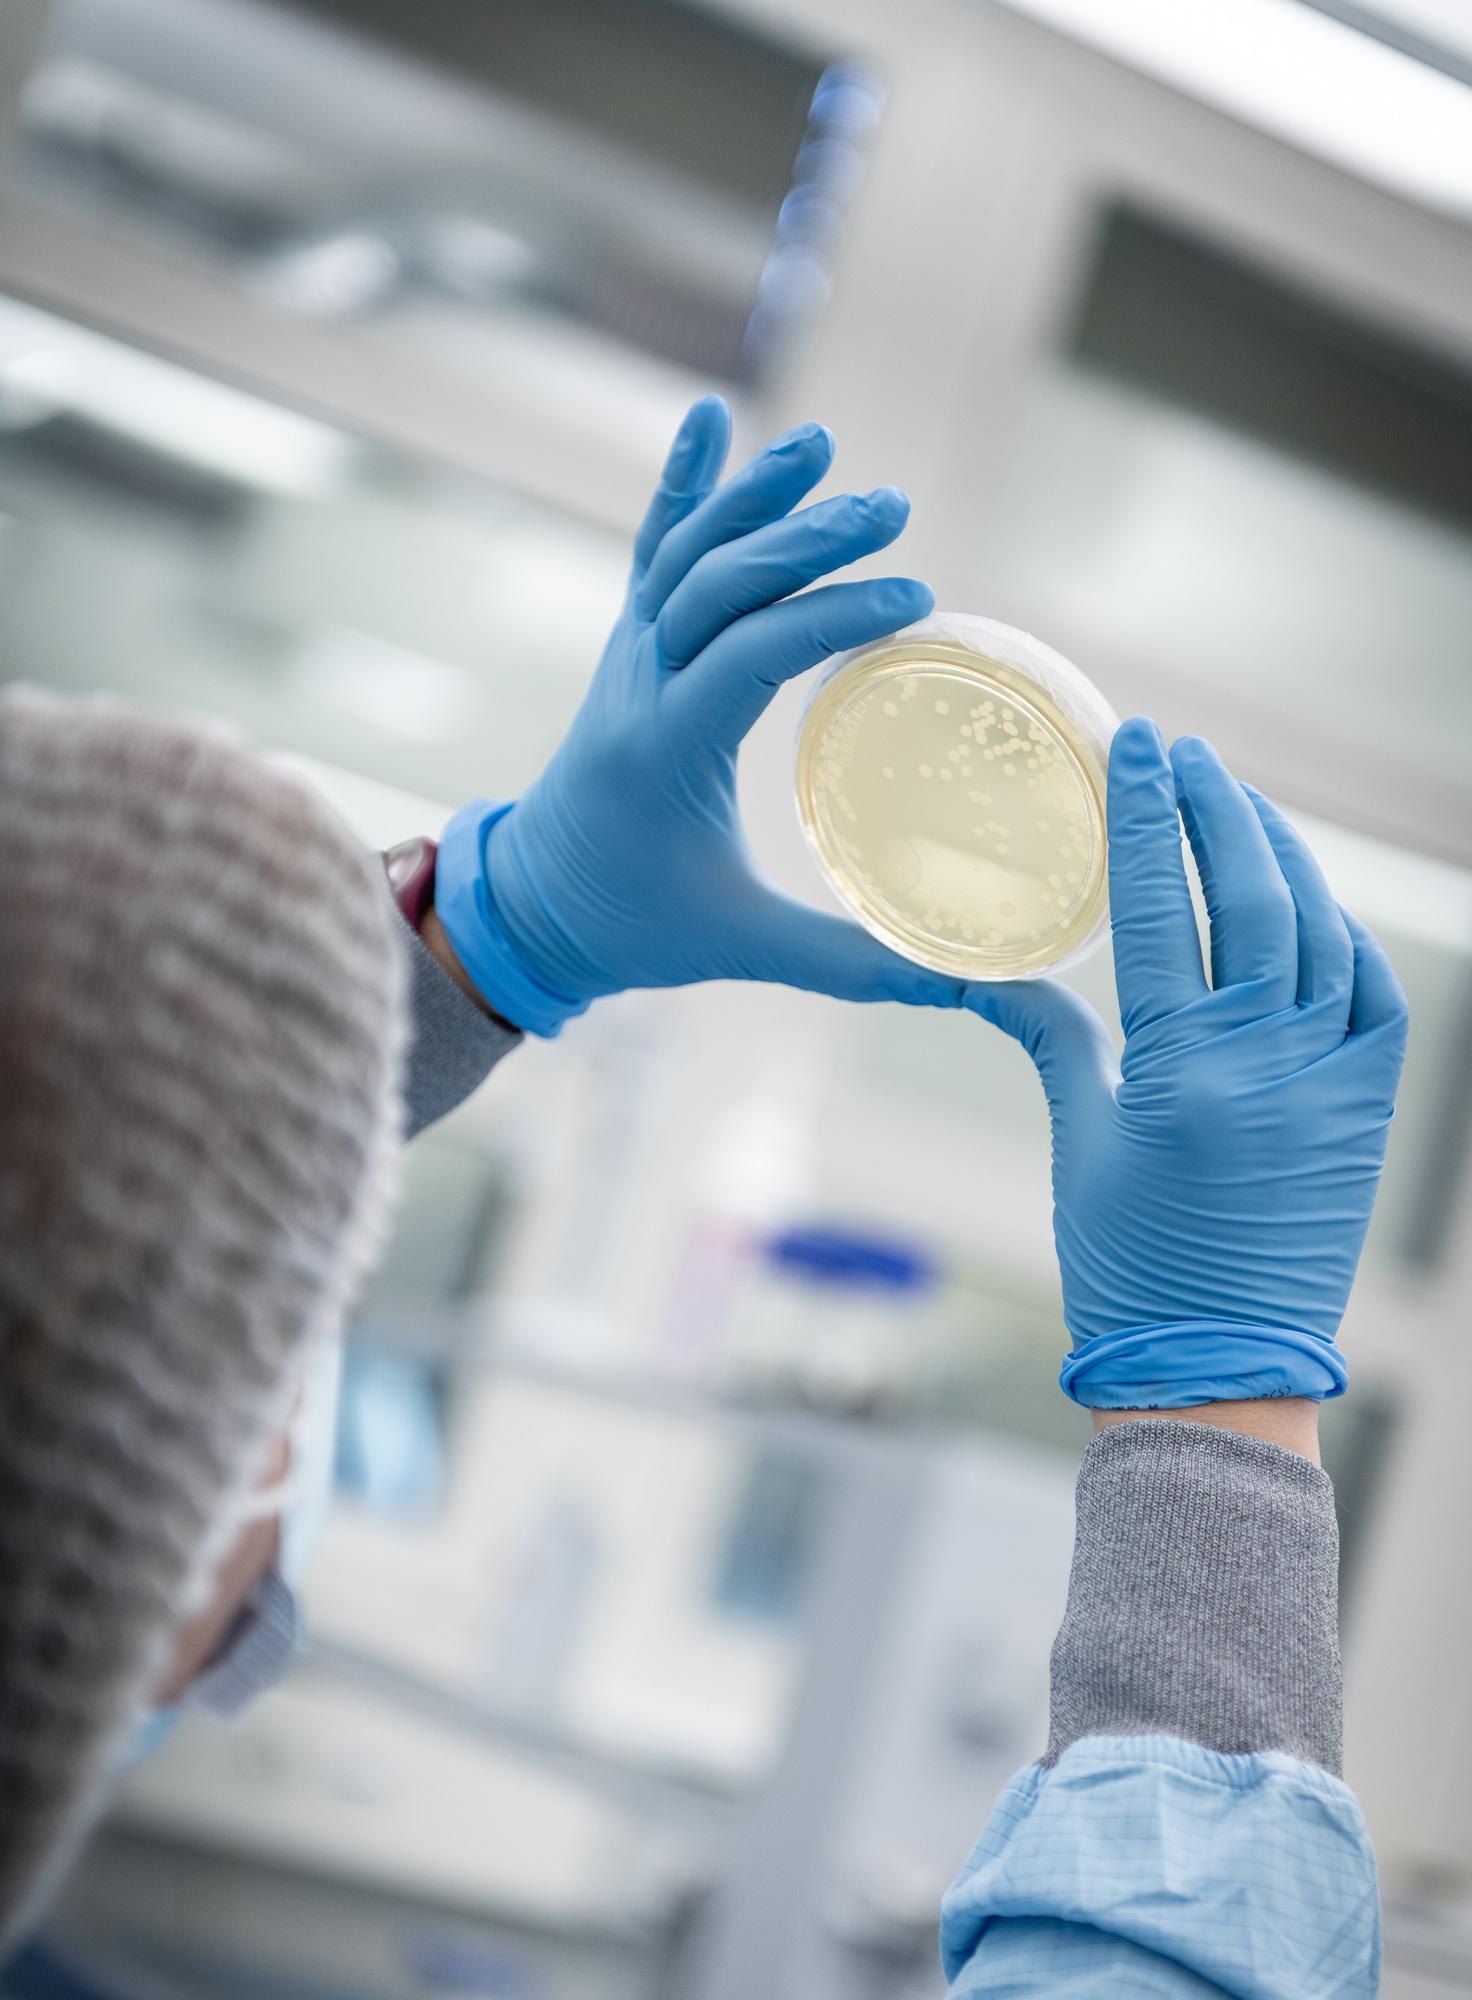 Laborantin prüft den Inhalt einer Petrischale